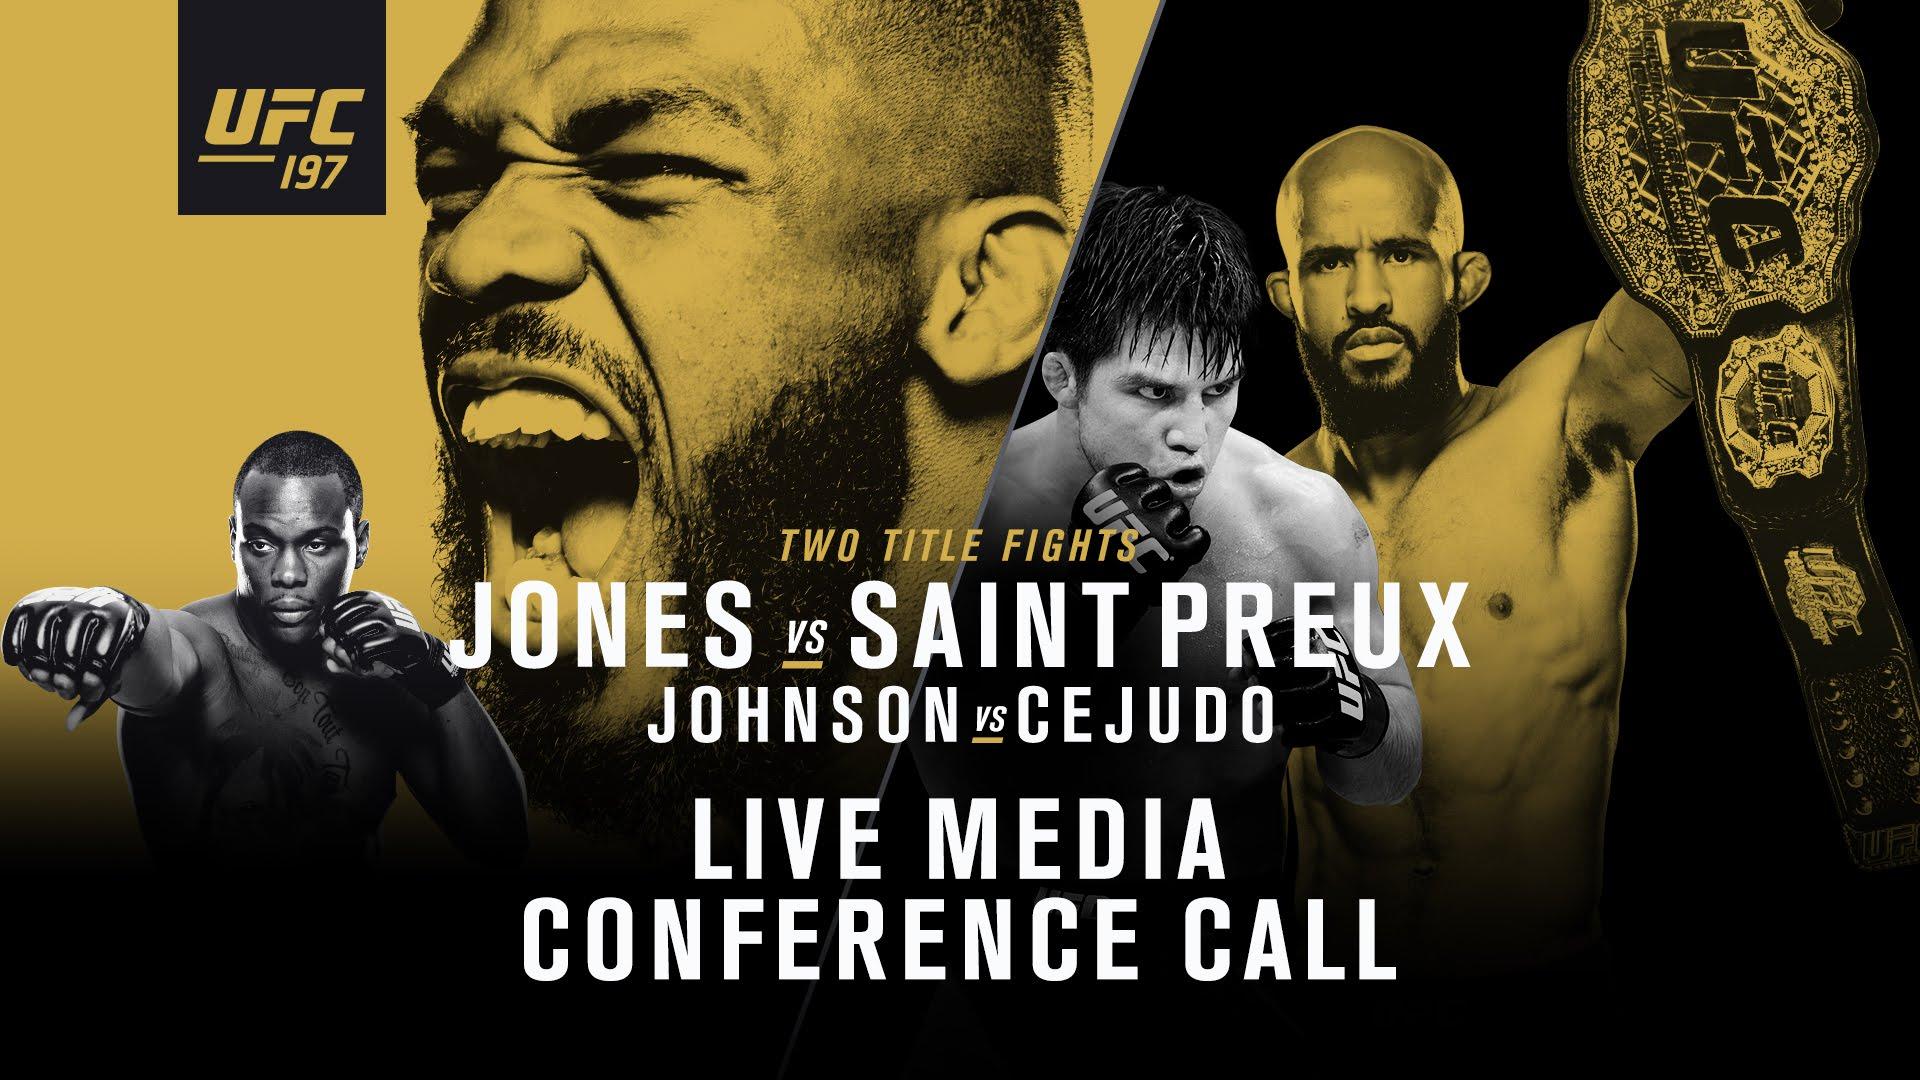 (ПРЕВЬЮ) UFC 197: Джон Джонс - Овинс Сент-Прю, Деметриус Джонсон - Генри Сехудо, Энтони Петтис - Эдсон Барбоза